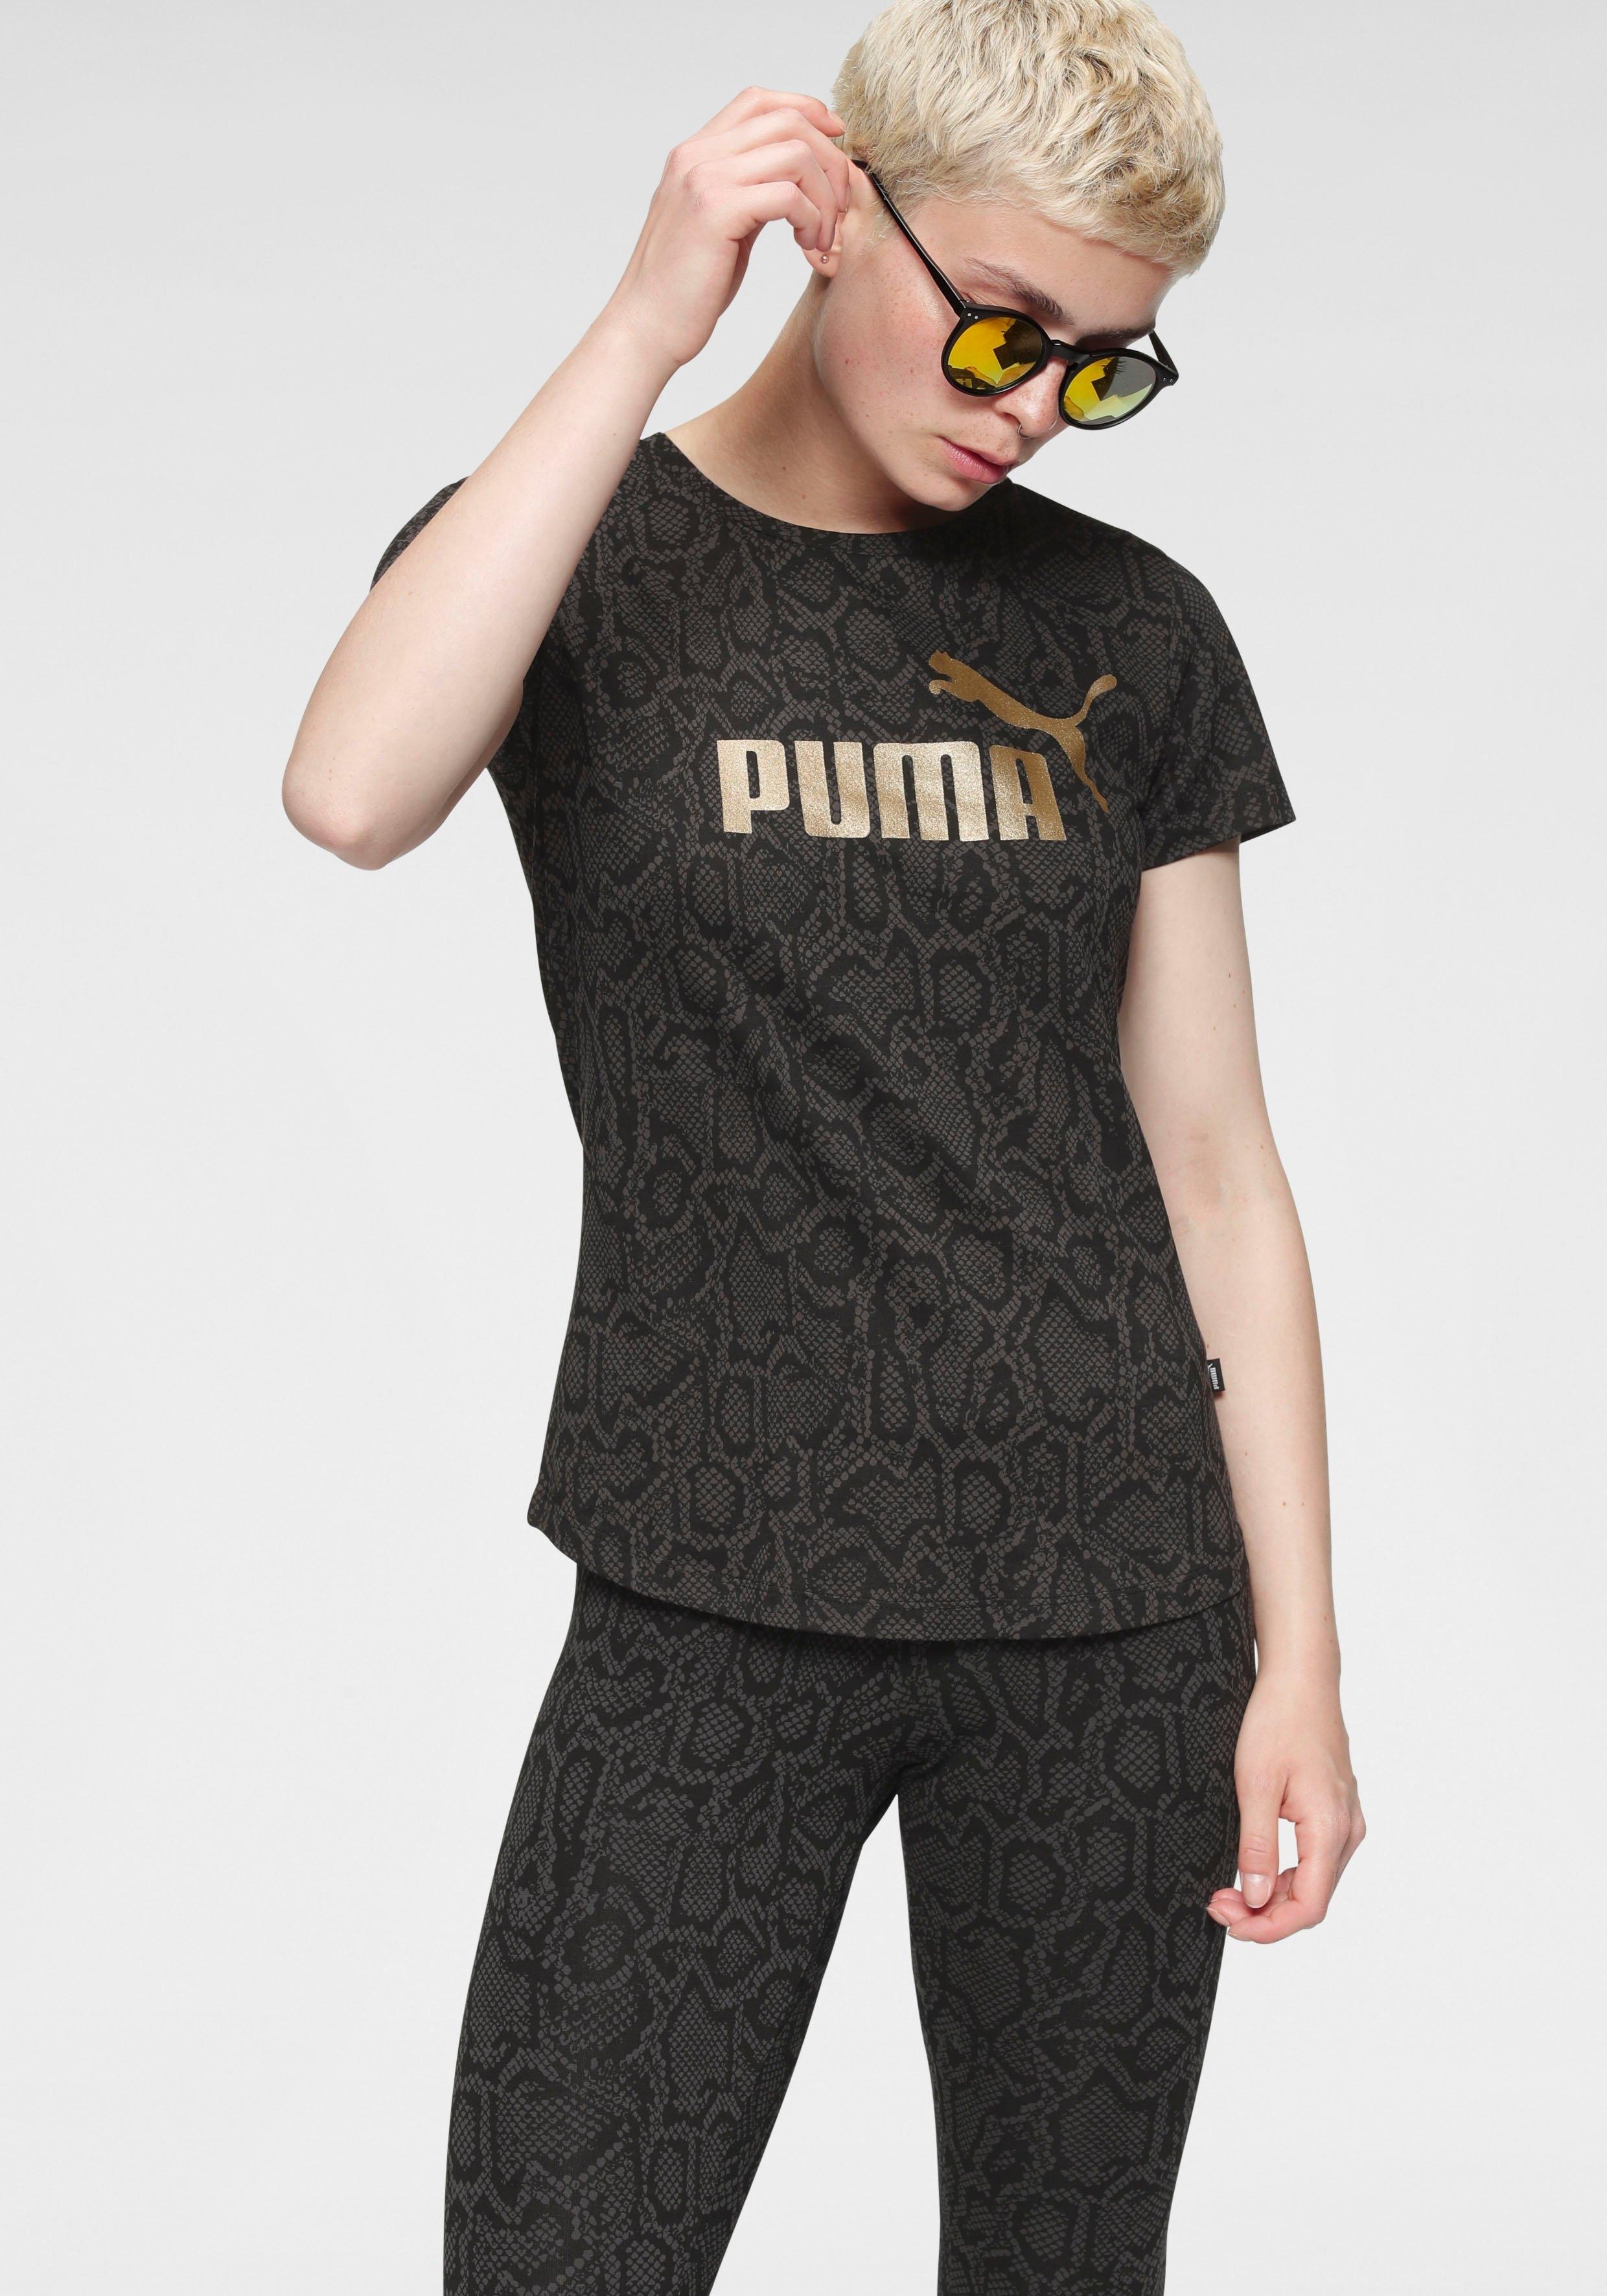 PUMA T-shirt »ESS + AOP Tee« bestellen: 30 dagen bedenktijd